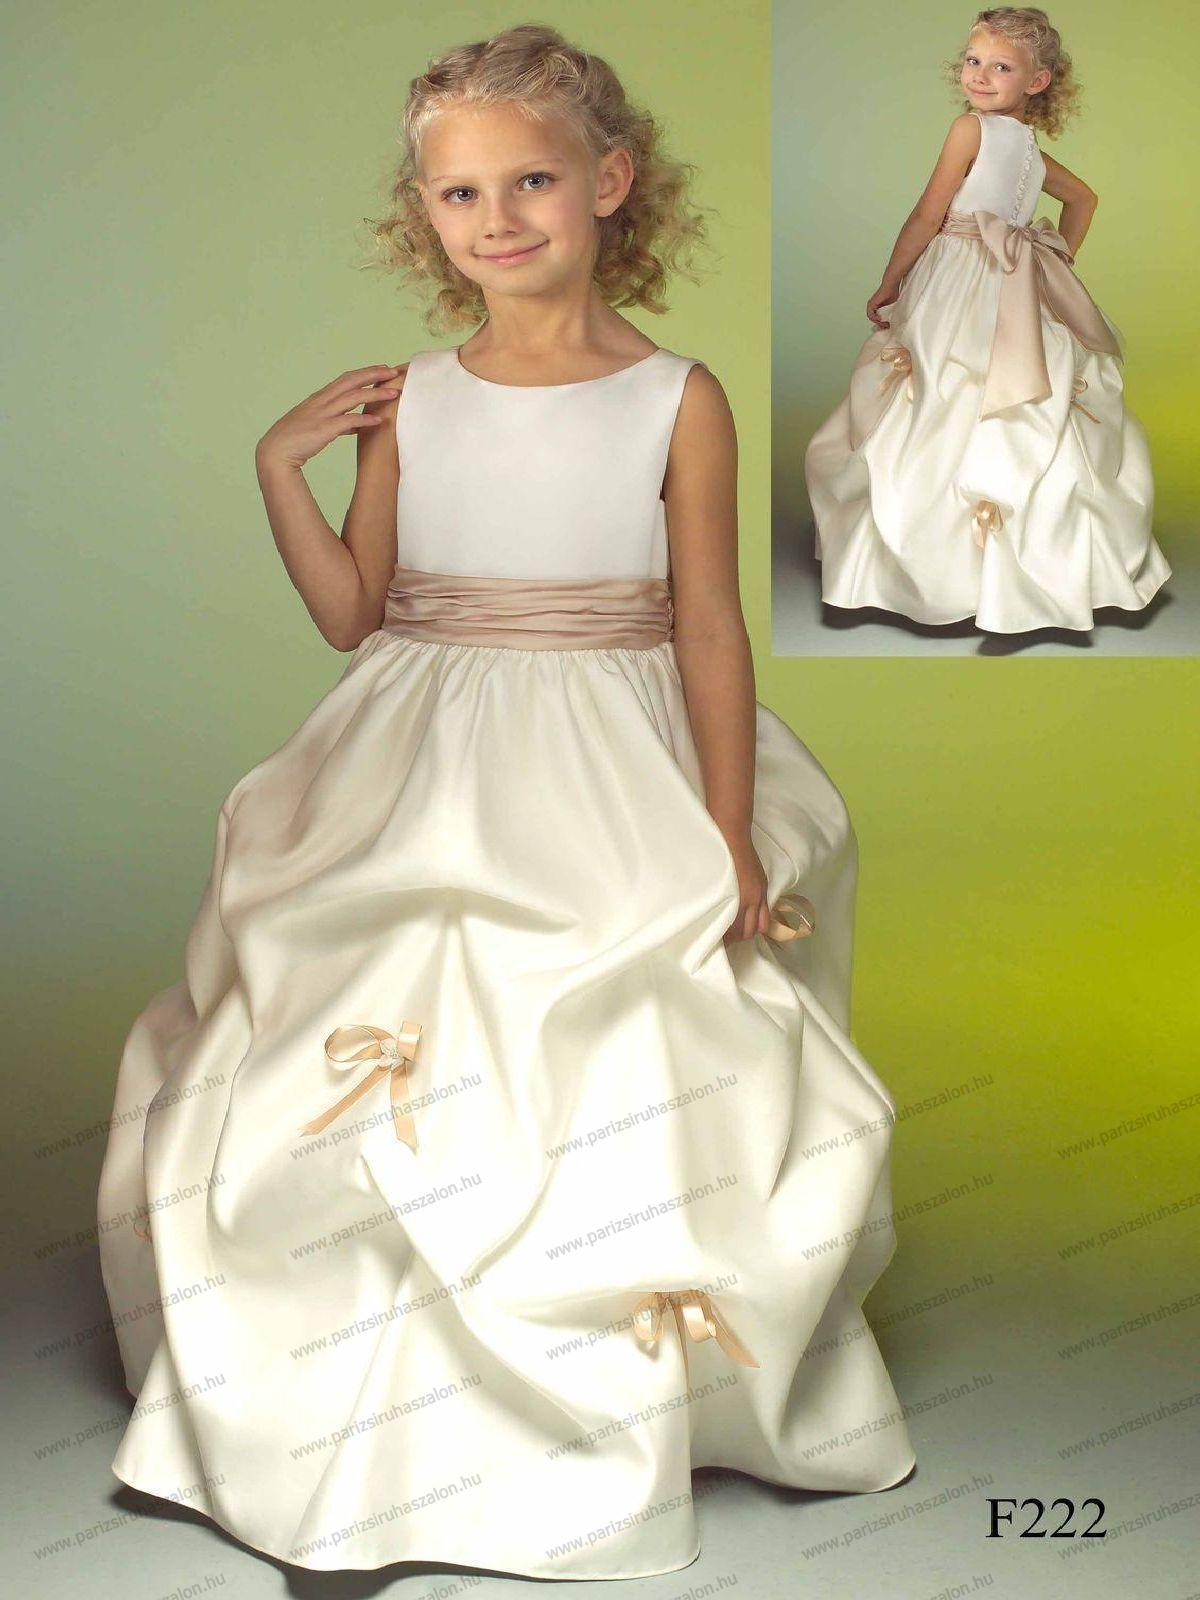 ae02b646fd Venus F222 122 cm koszorúslány ruha. | Koszorúslány és Elsőáldozó ruhák  Venus. (cikkszám: Venus 89)